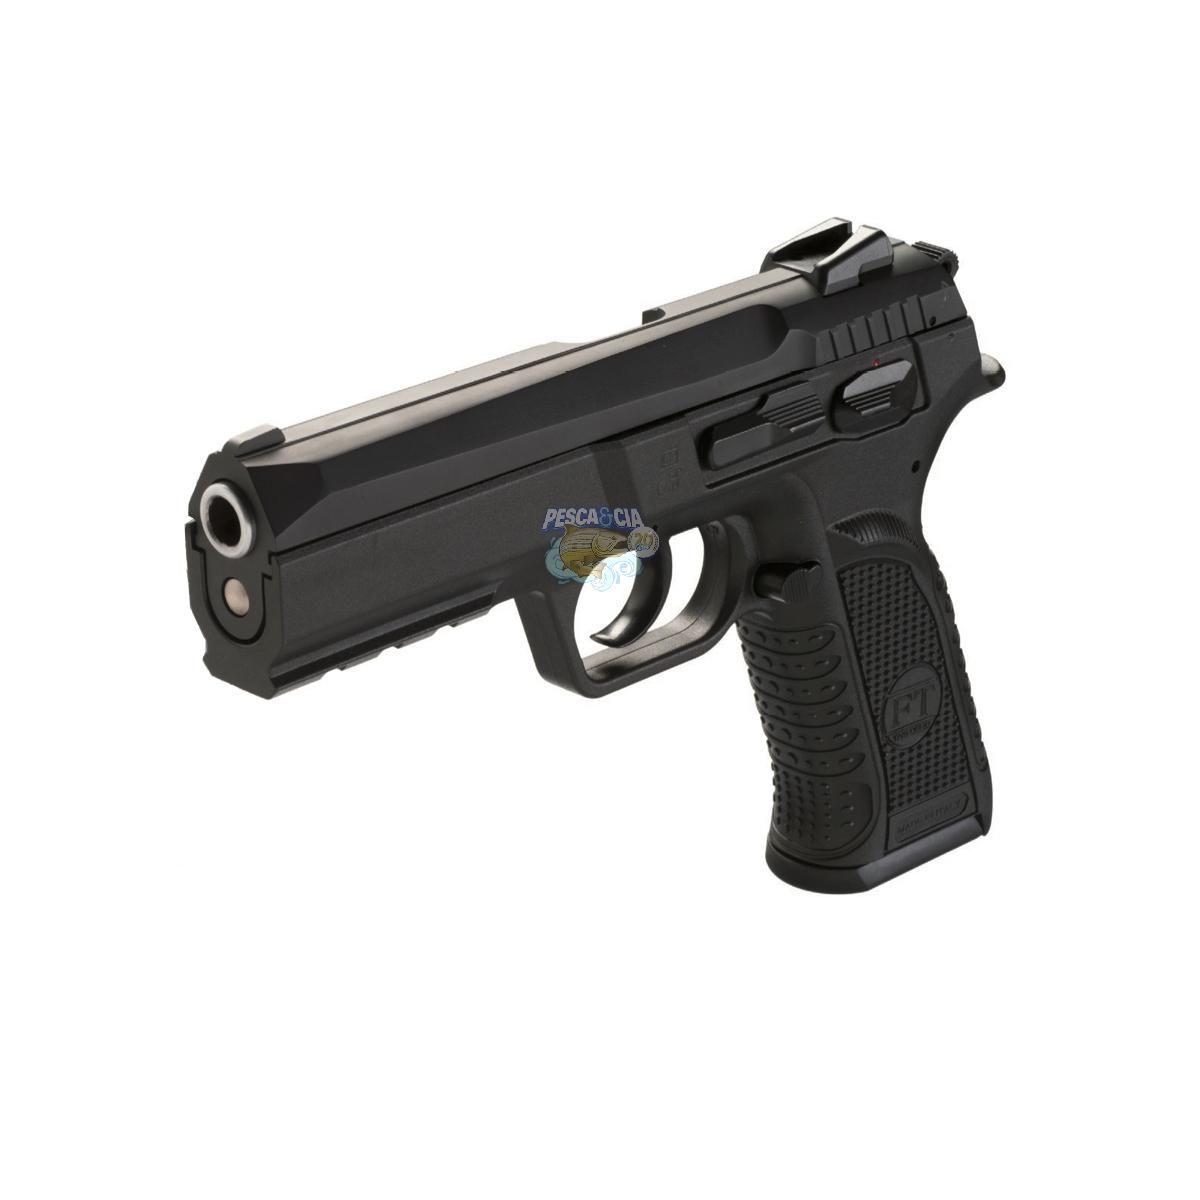 Pistola Tanfoglio Force Plus Cal. 9mm Oxidada 16Tiros